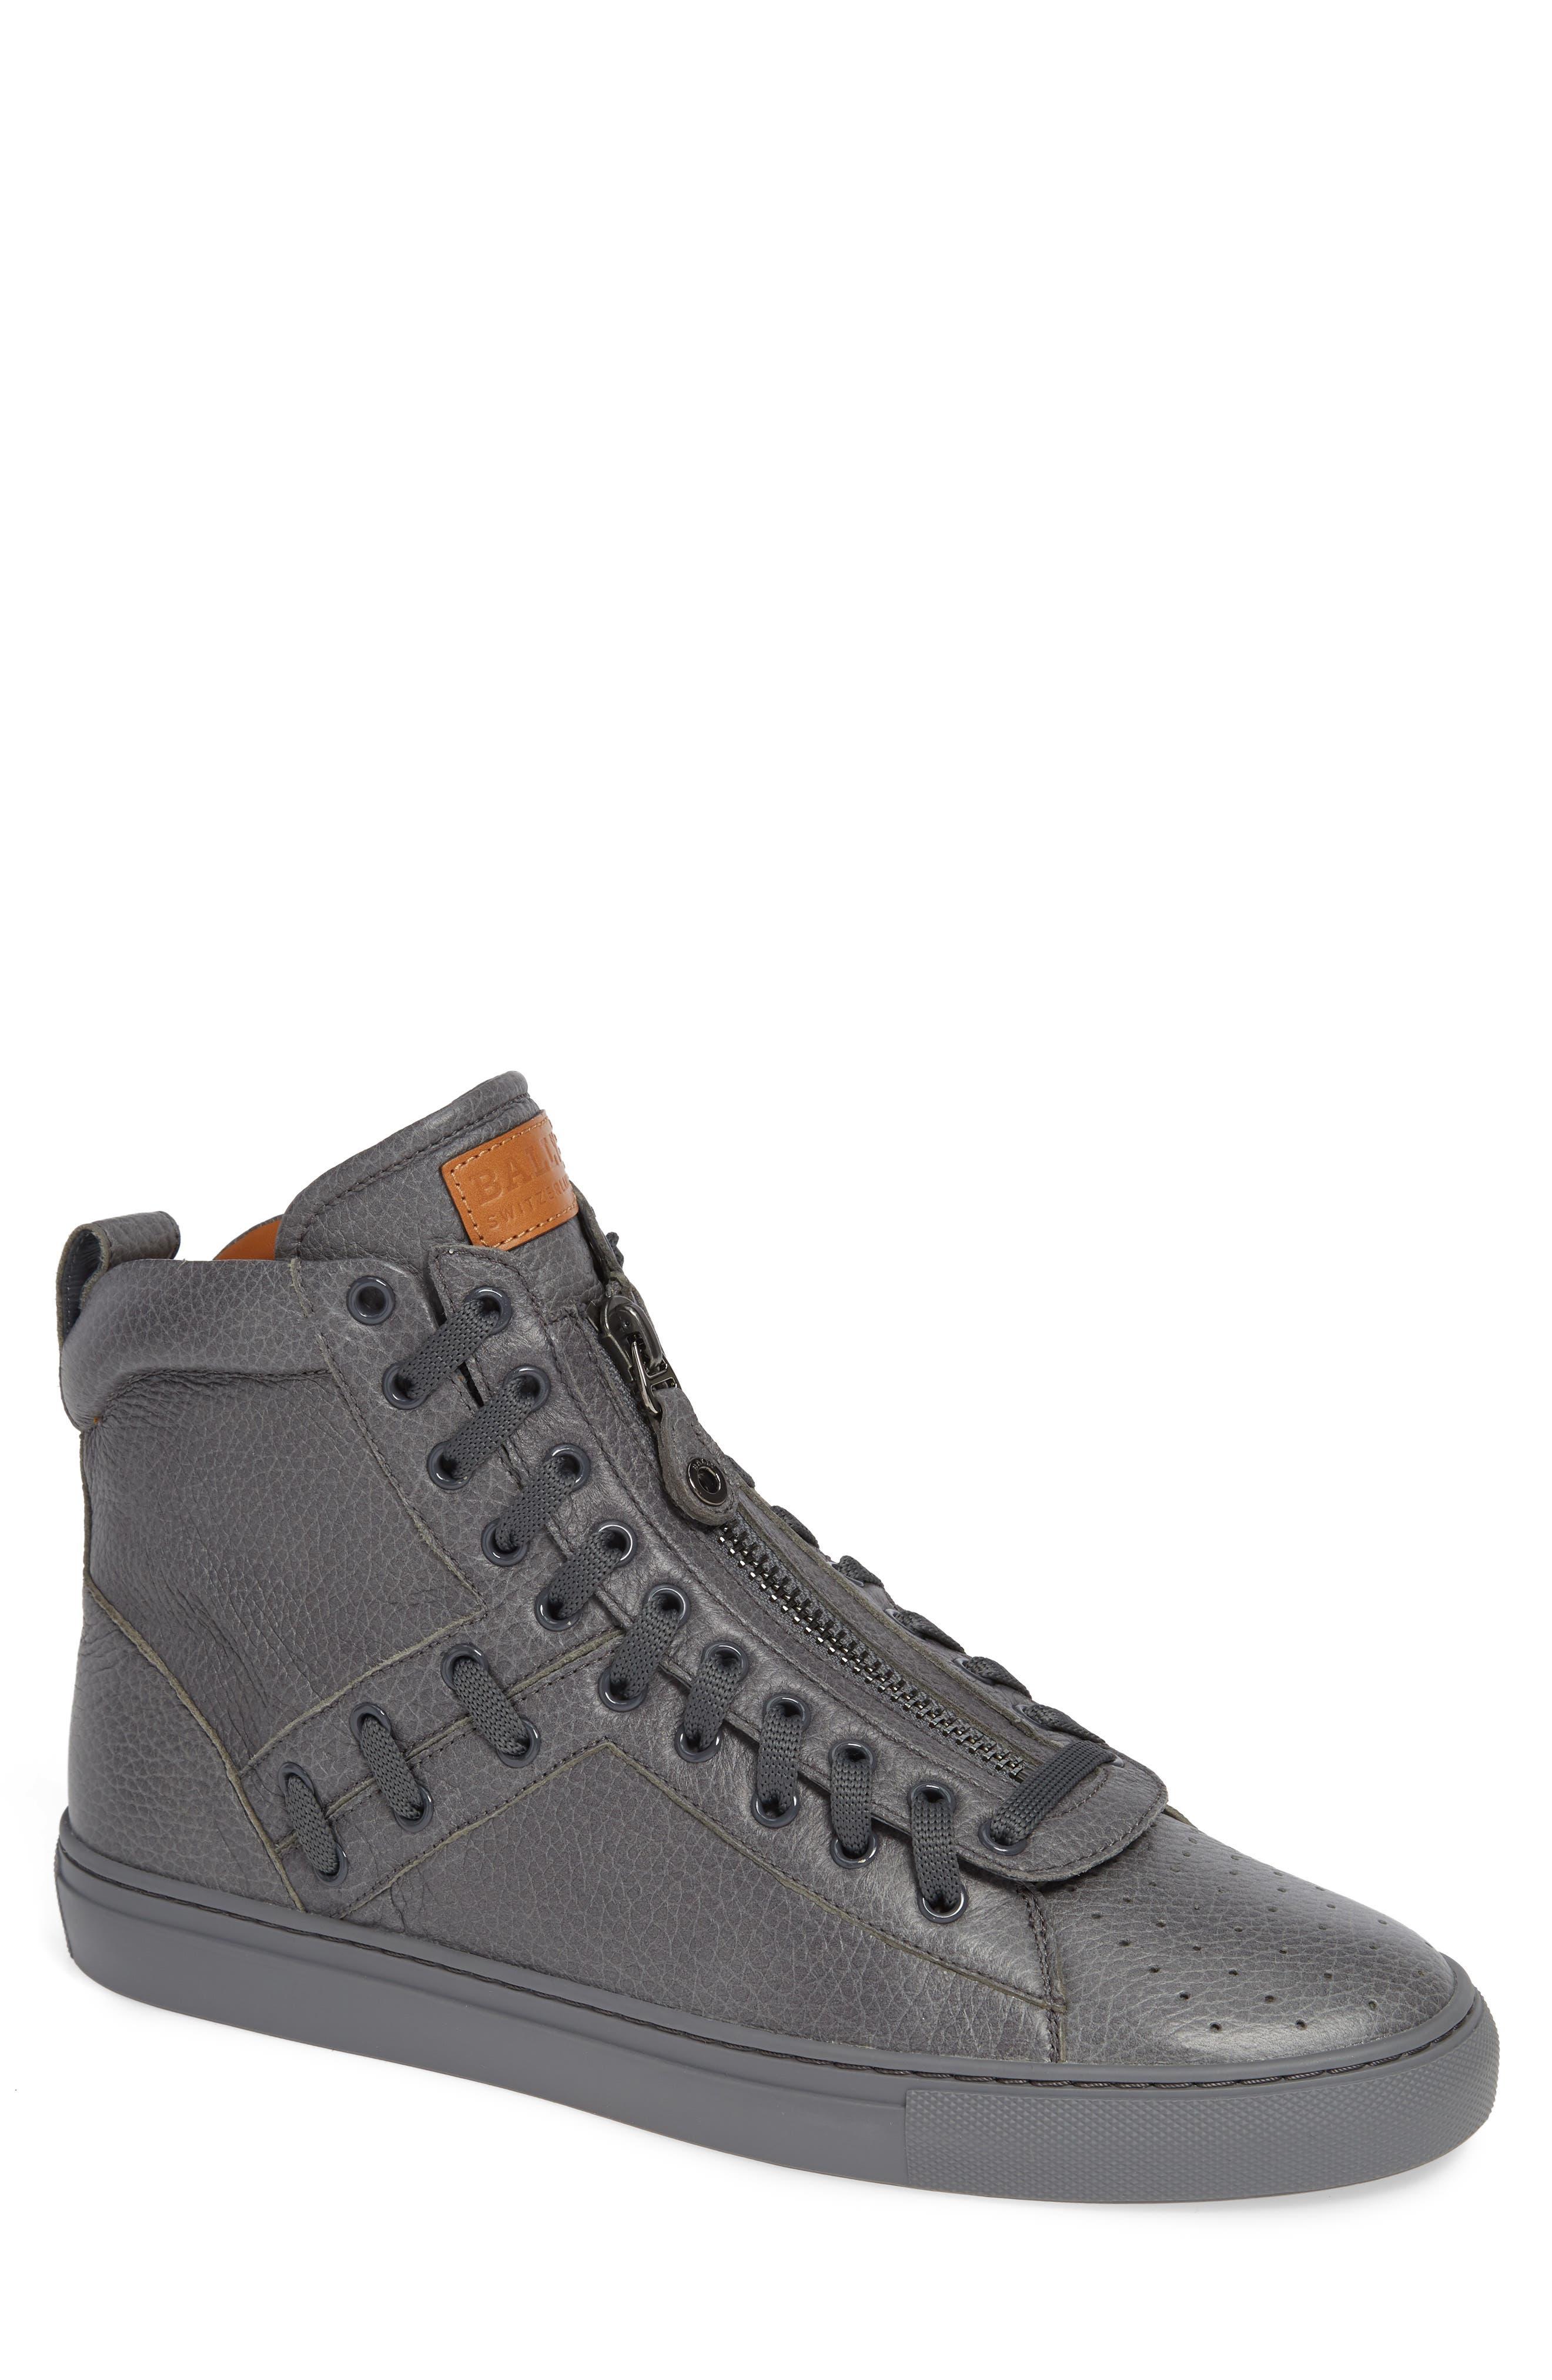 Hekem High-Top Sneaker,                             Main thumbnail 1, color,                             GARCONE GREY